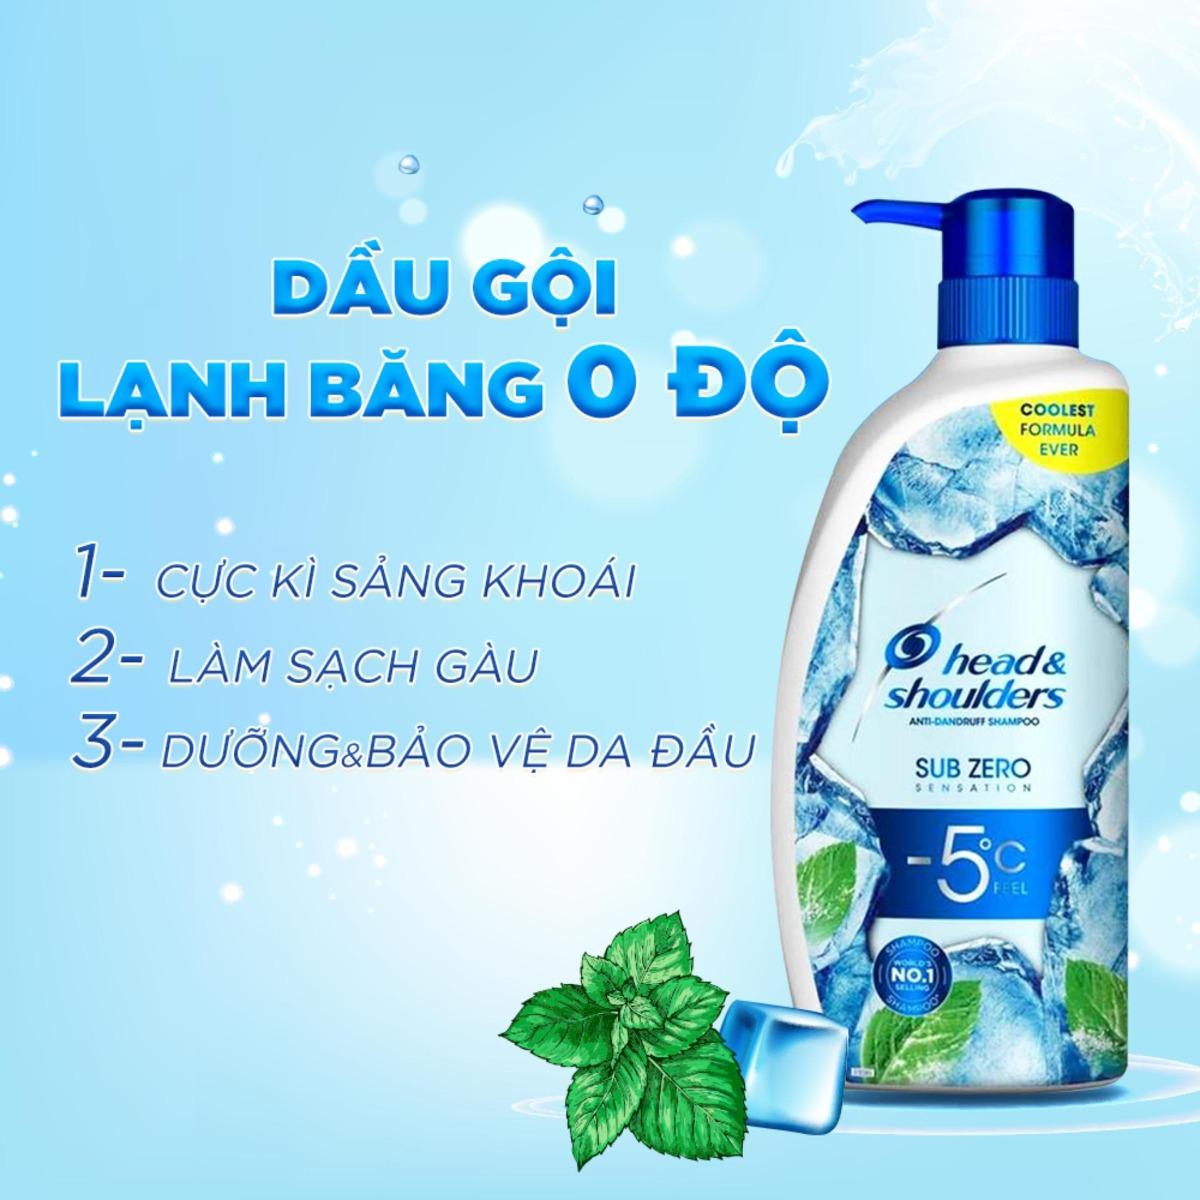 Dầu Gội Băng Lạnh Sạch Gàu Head & Shoulders Sub Zero Sensation 300ml